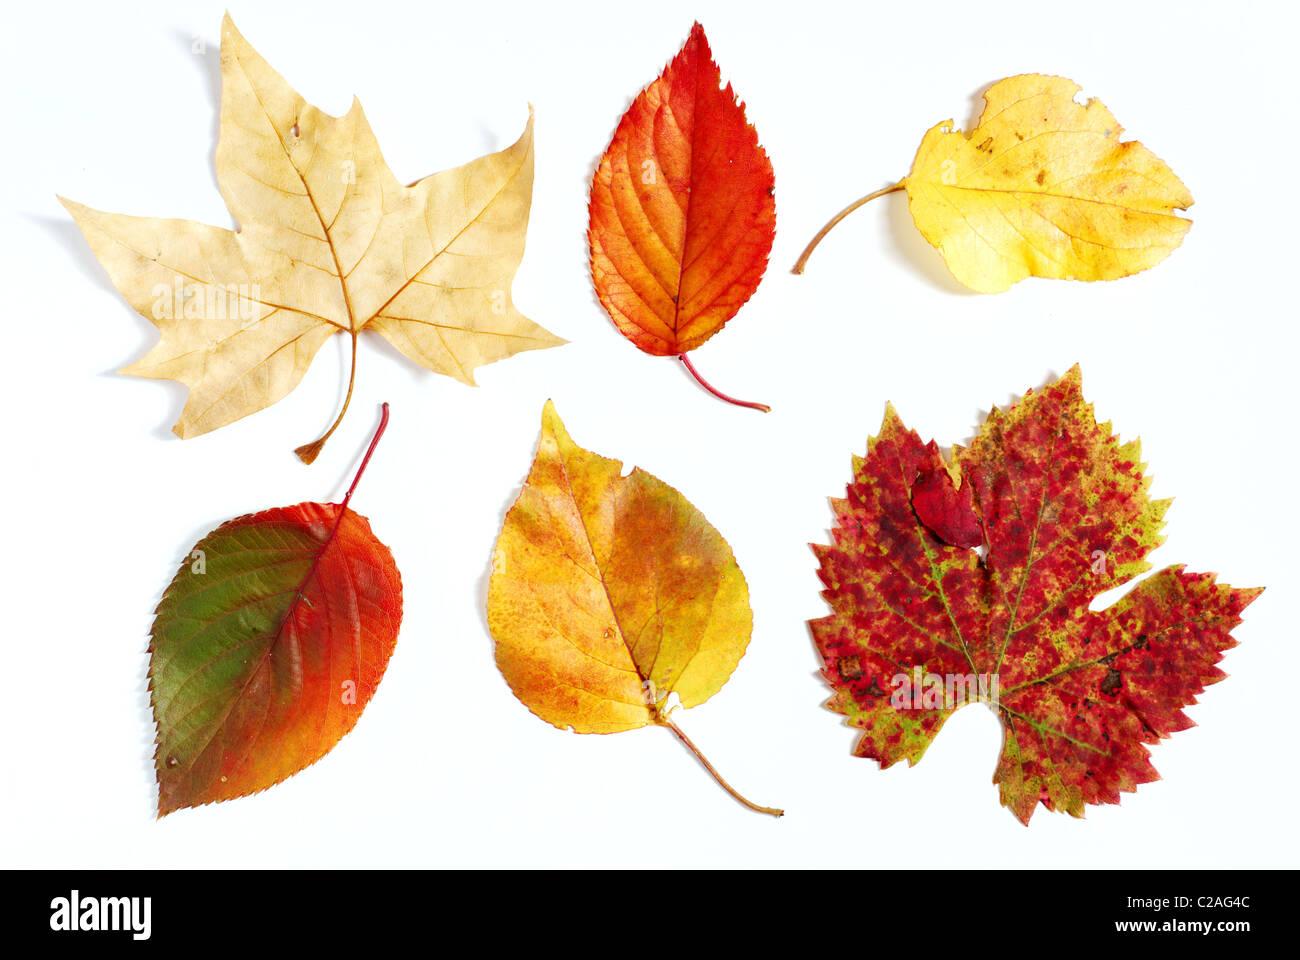 Variété de feuilles couleurs d'automne photographié sur fond blanc Photo Stock